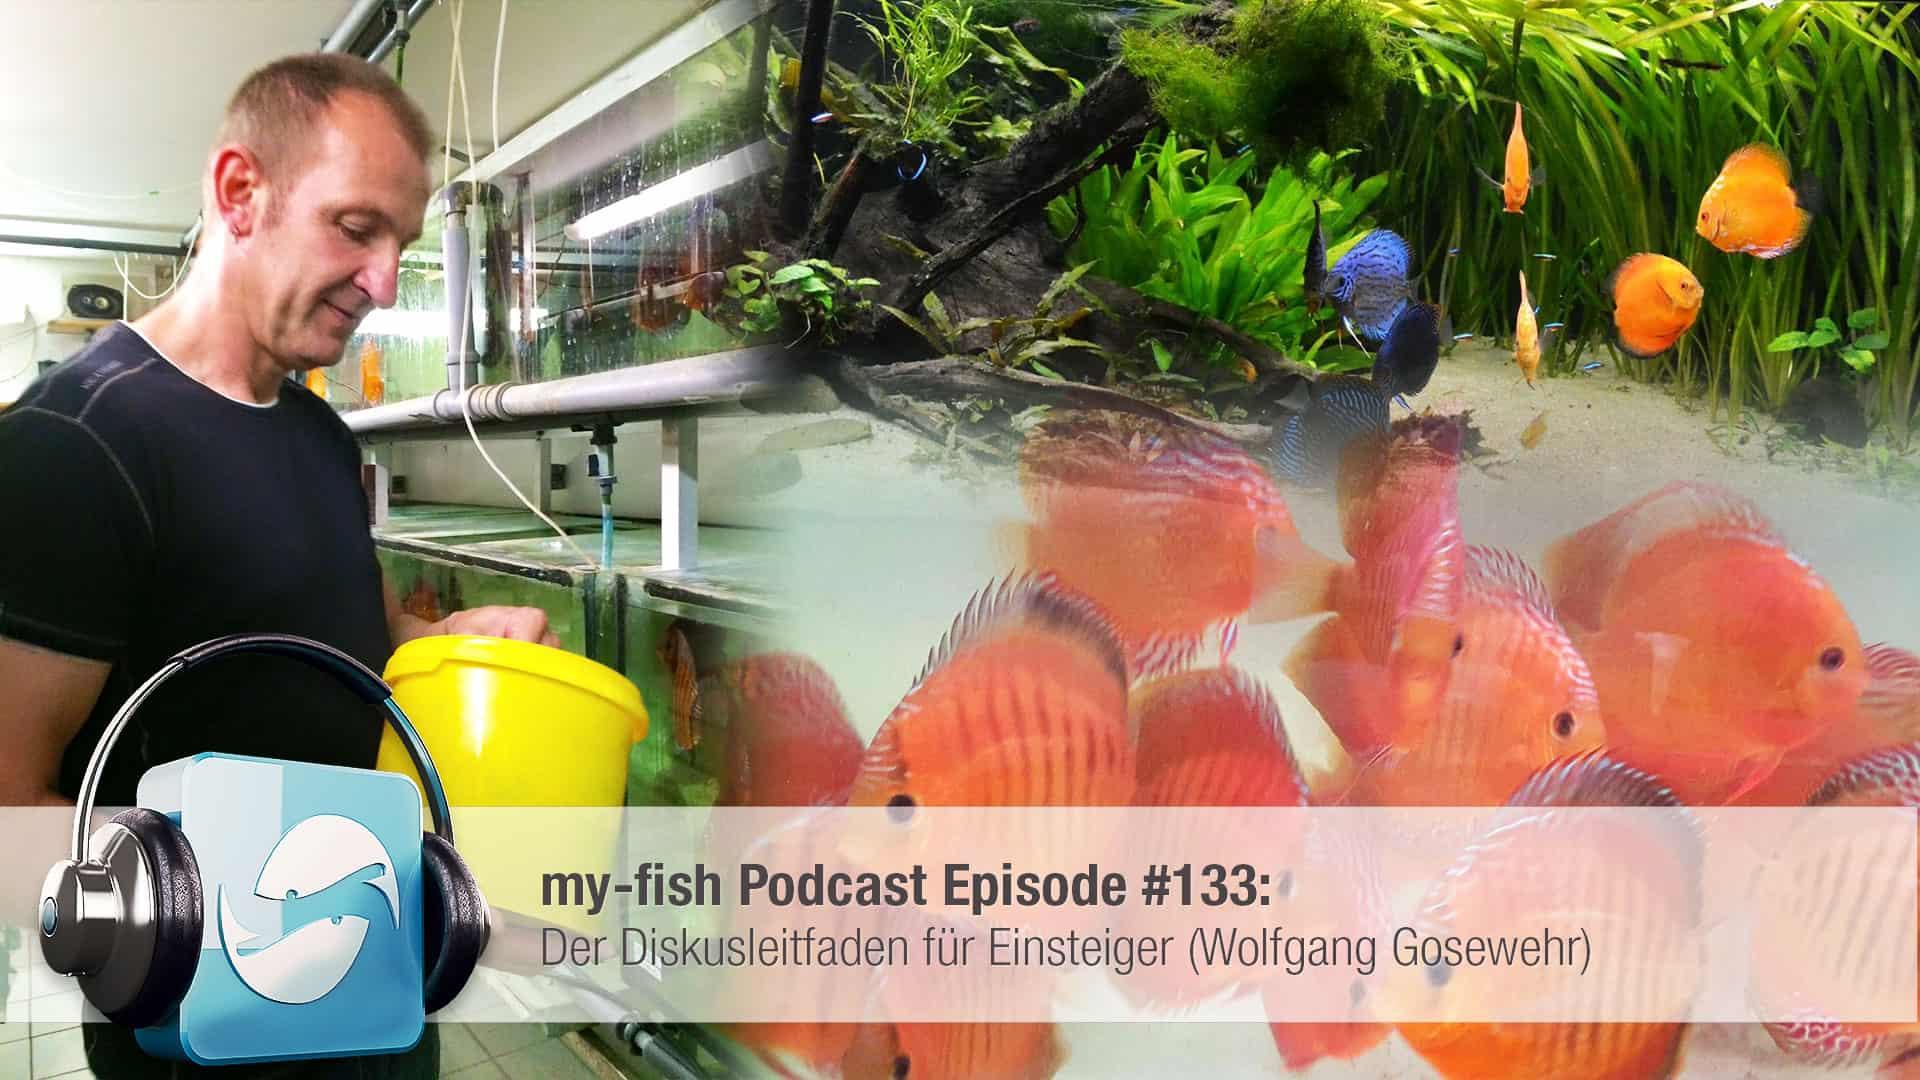 Podcast Episode #133: Der Diskusleitfaden für Einsteiger (Wolfgang Gosewehr) 1